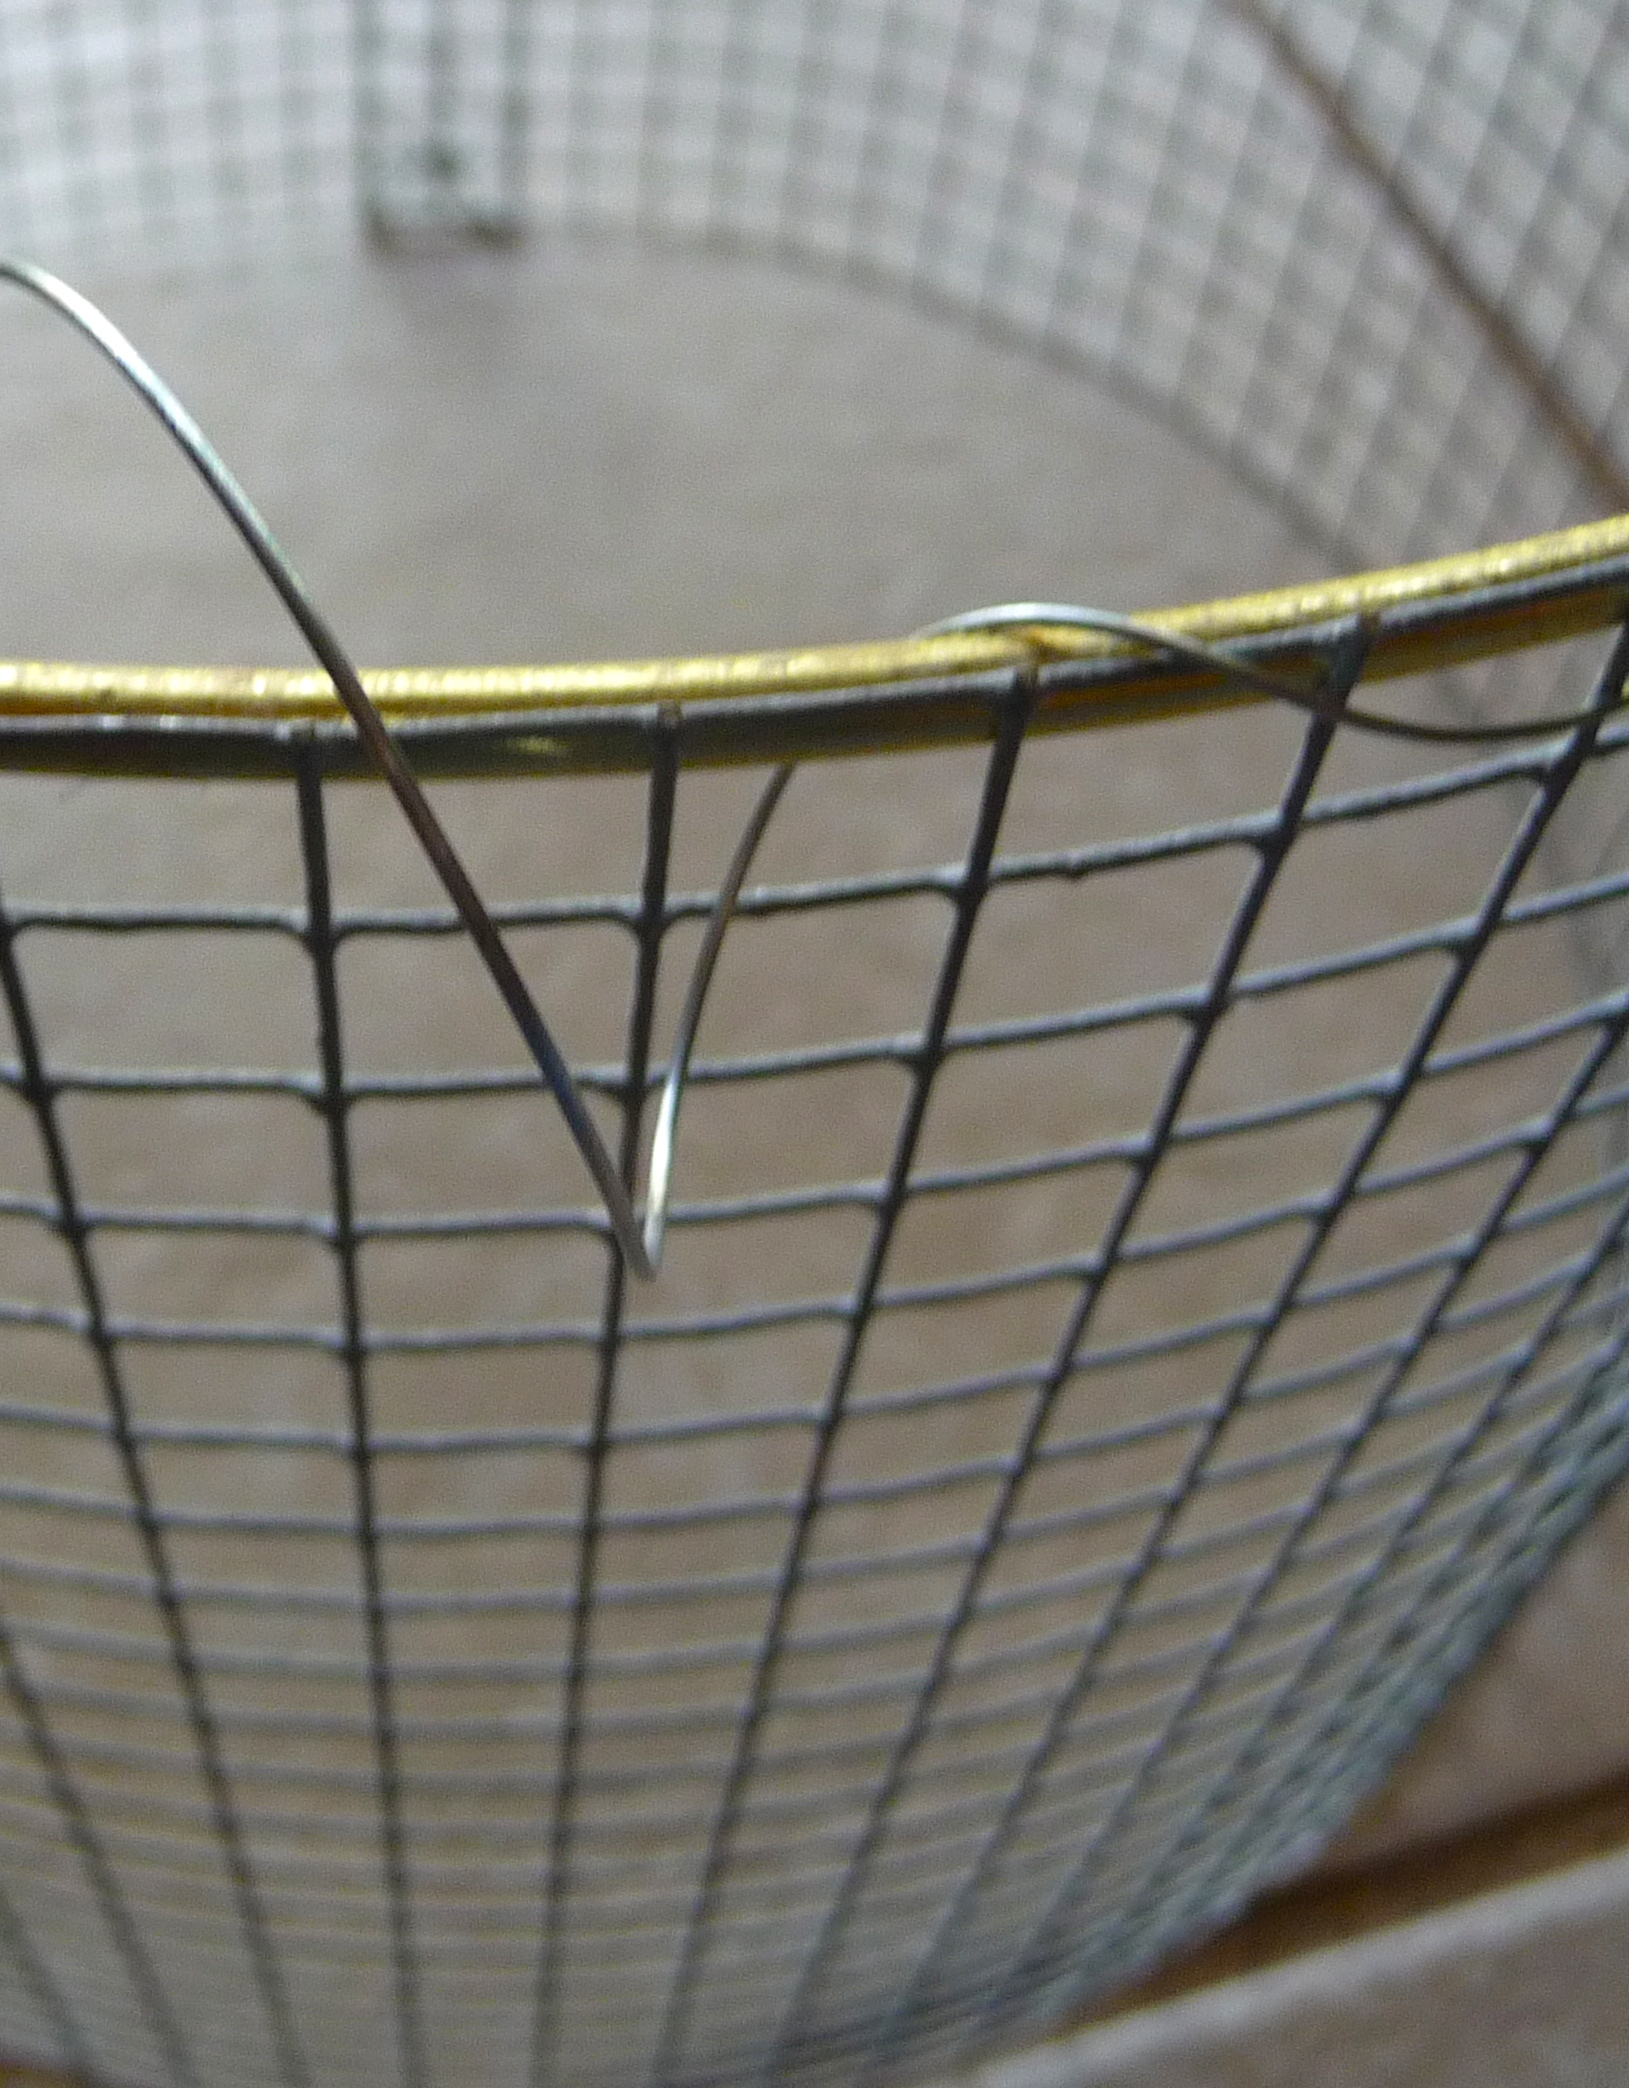 Diy garden burlap lamp shade craft organic this greentooth Images